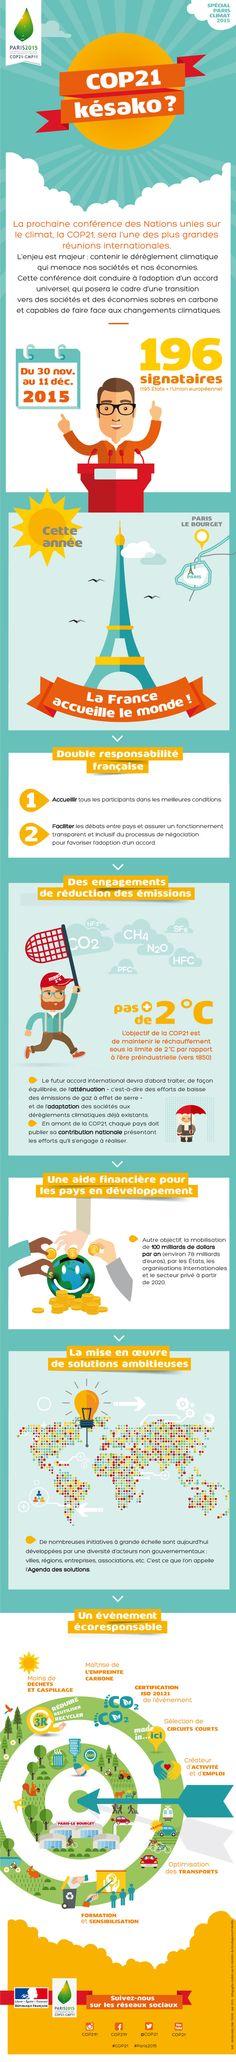 Infographie : qu'est-ce que la COP21 ? - La France en Chine